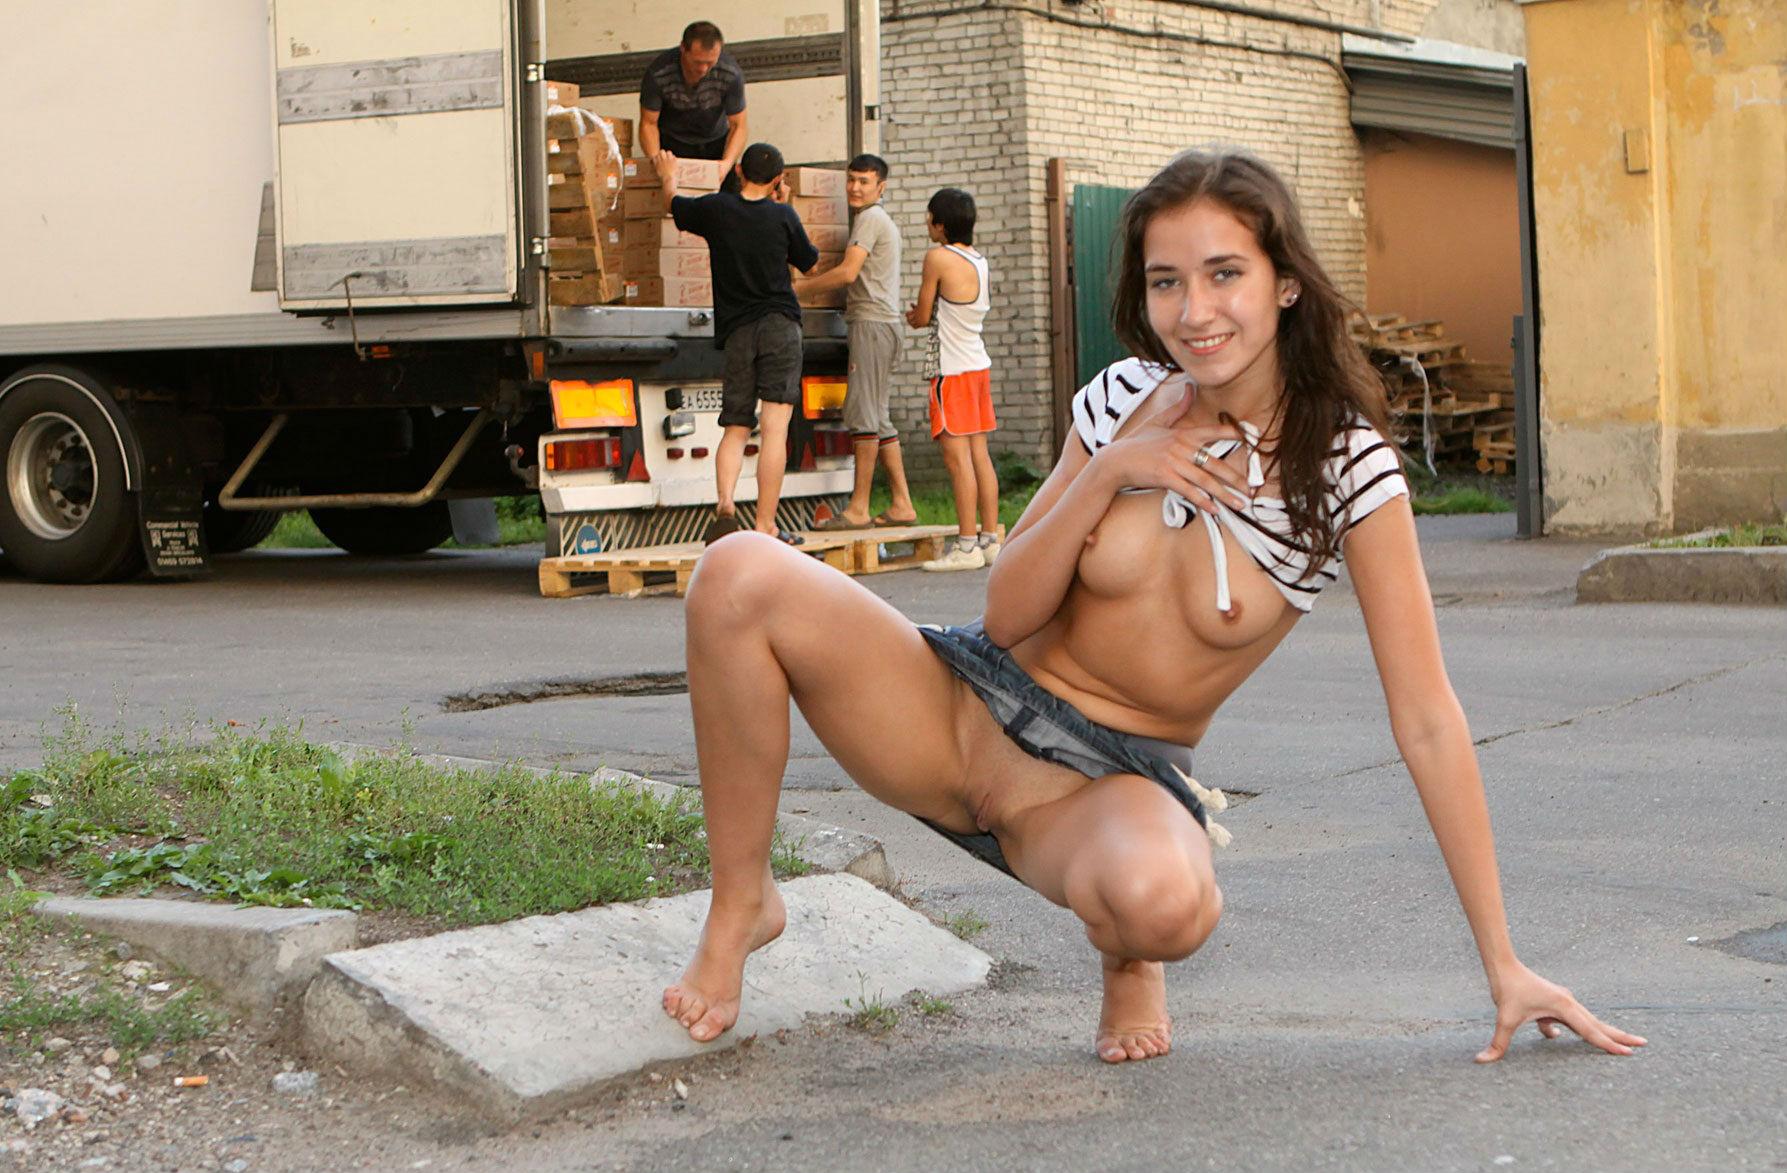 travestis-nude-in-public